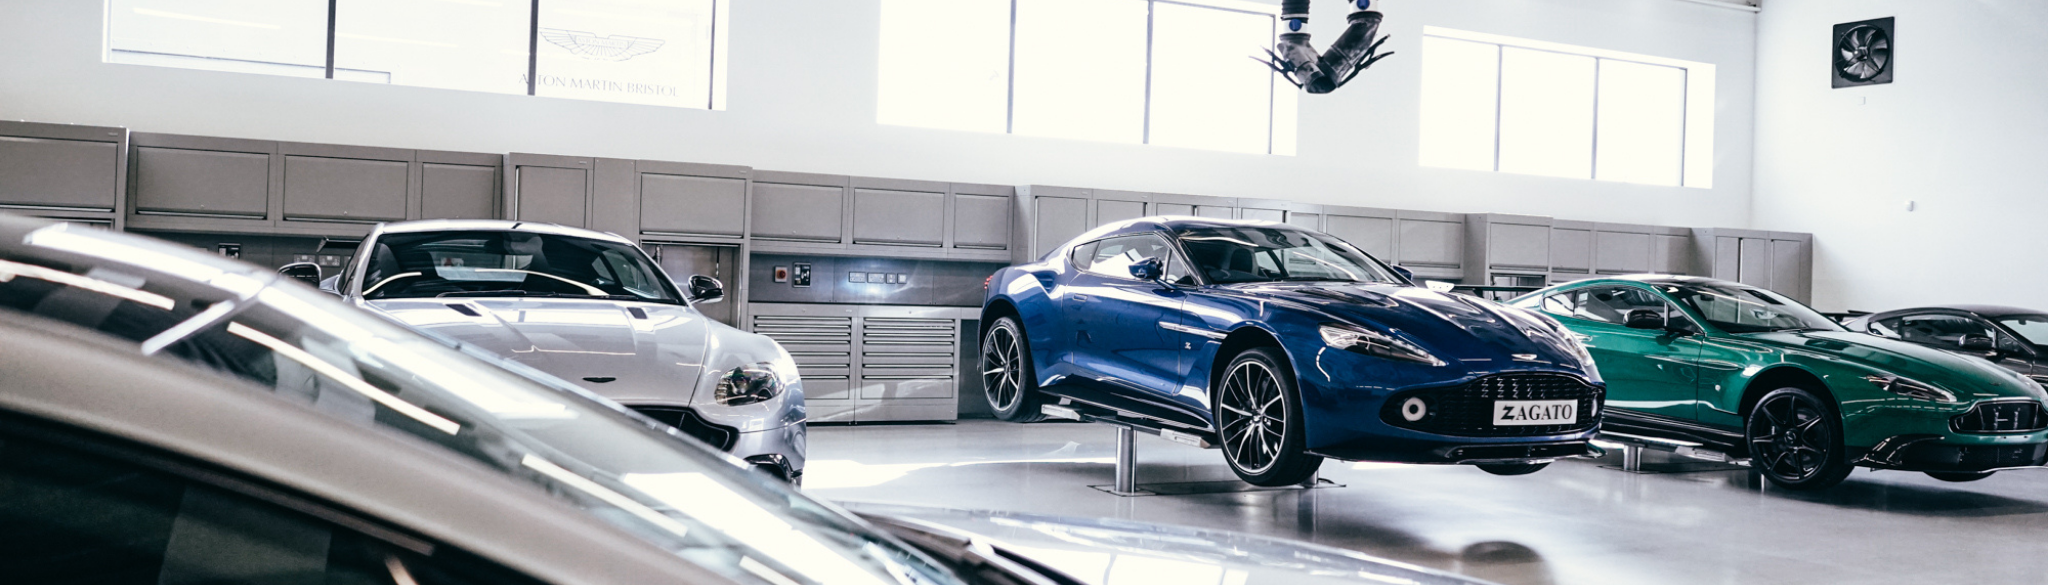 Aston Martin Bristol Workshop